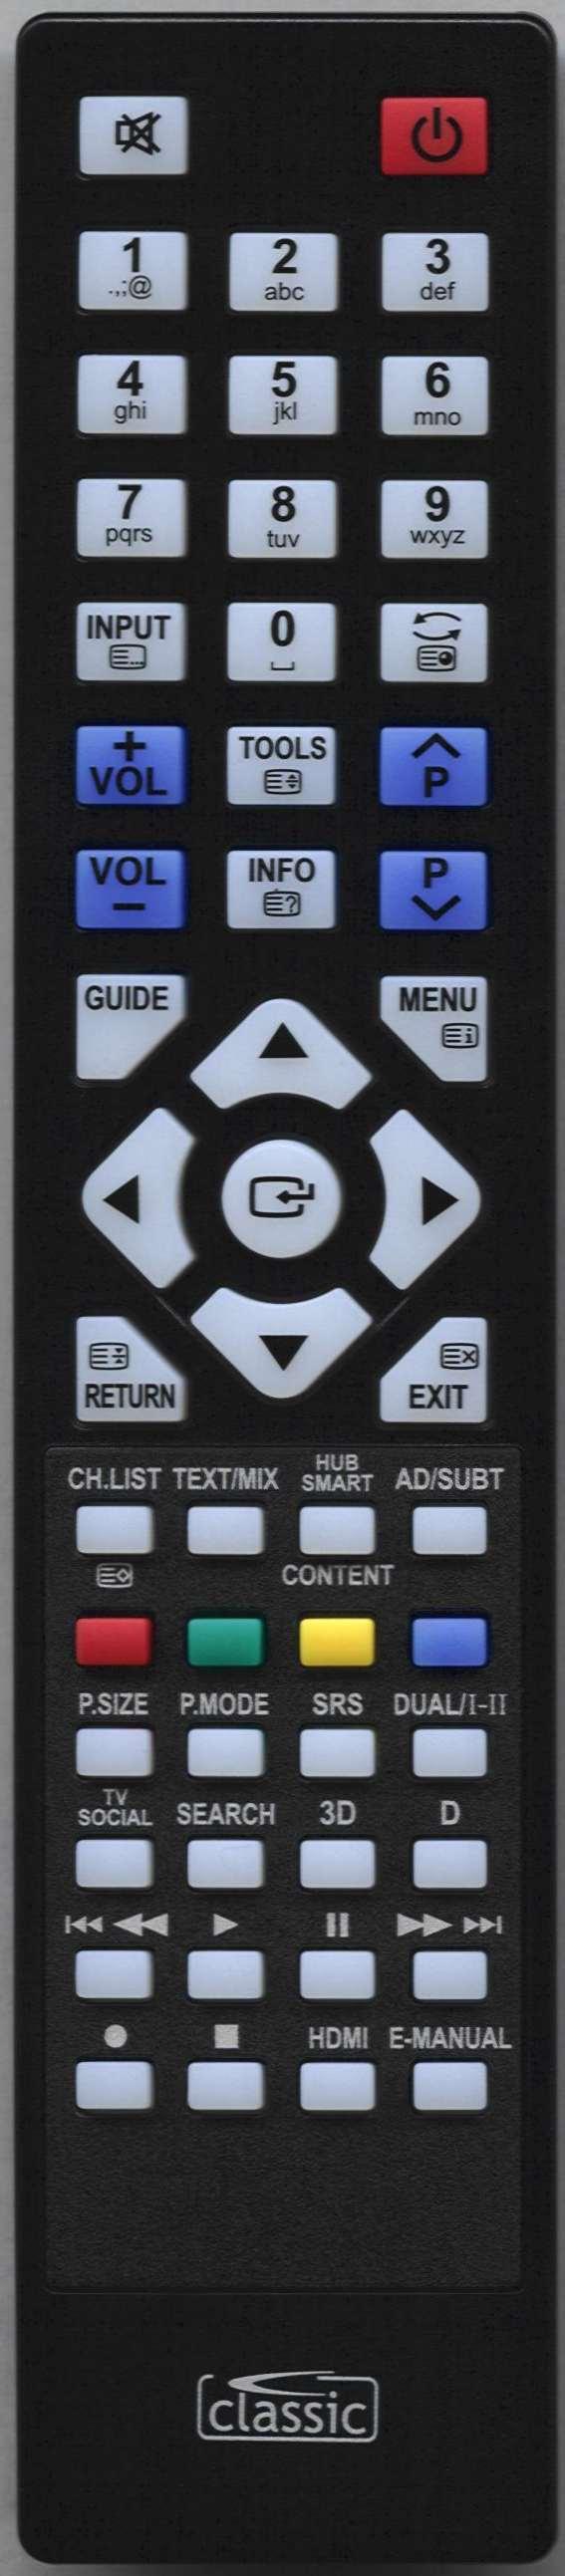 SAMSUNG LE40D503F7W Remote Control Alternative